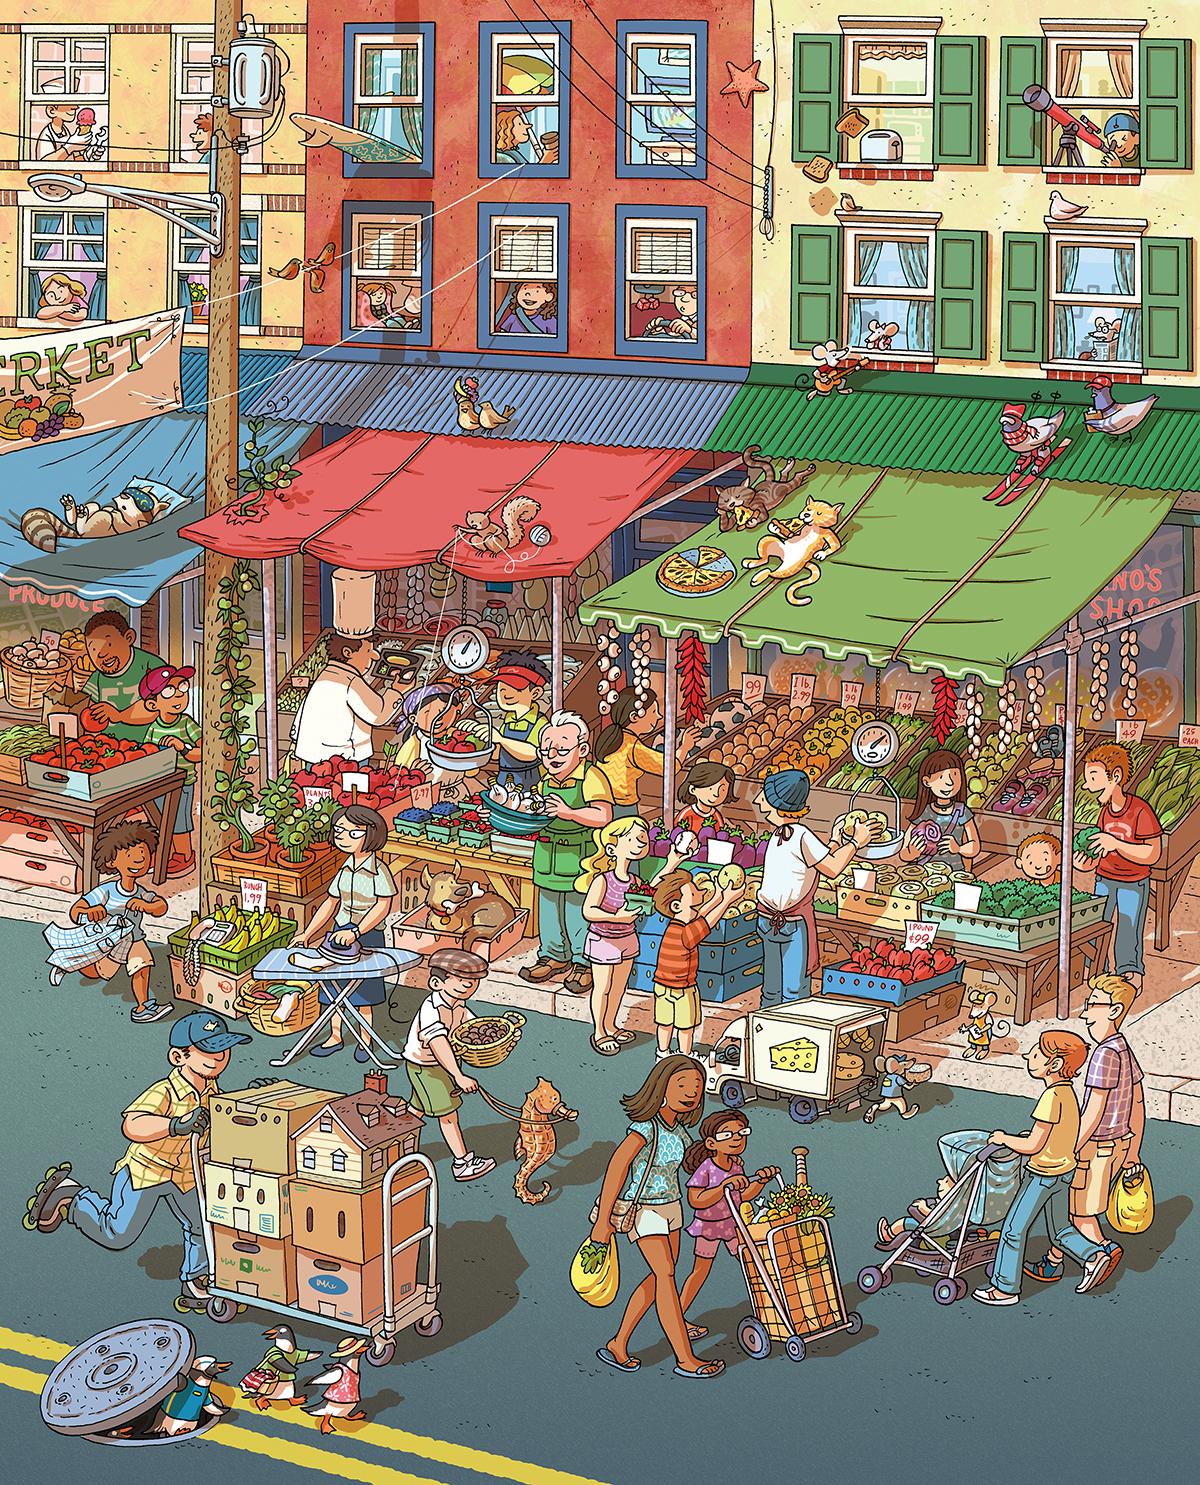 eng 217 blog describe a scene